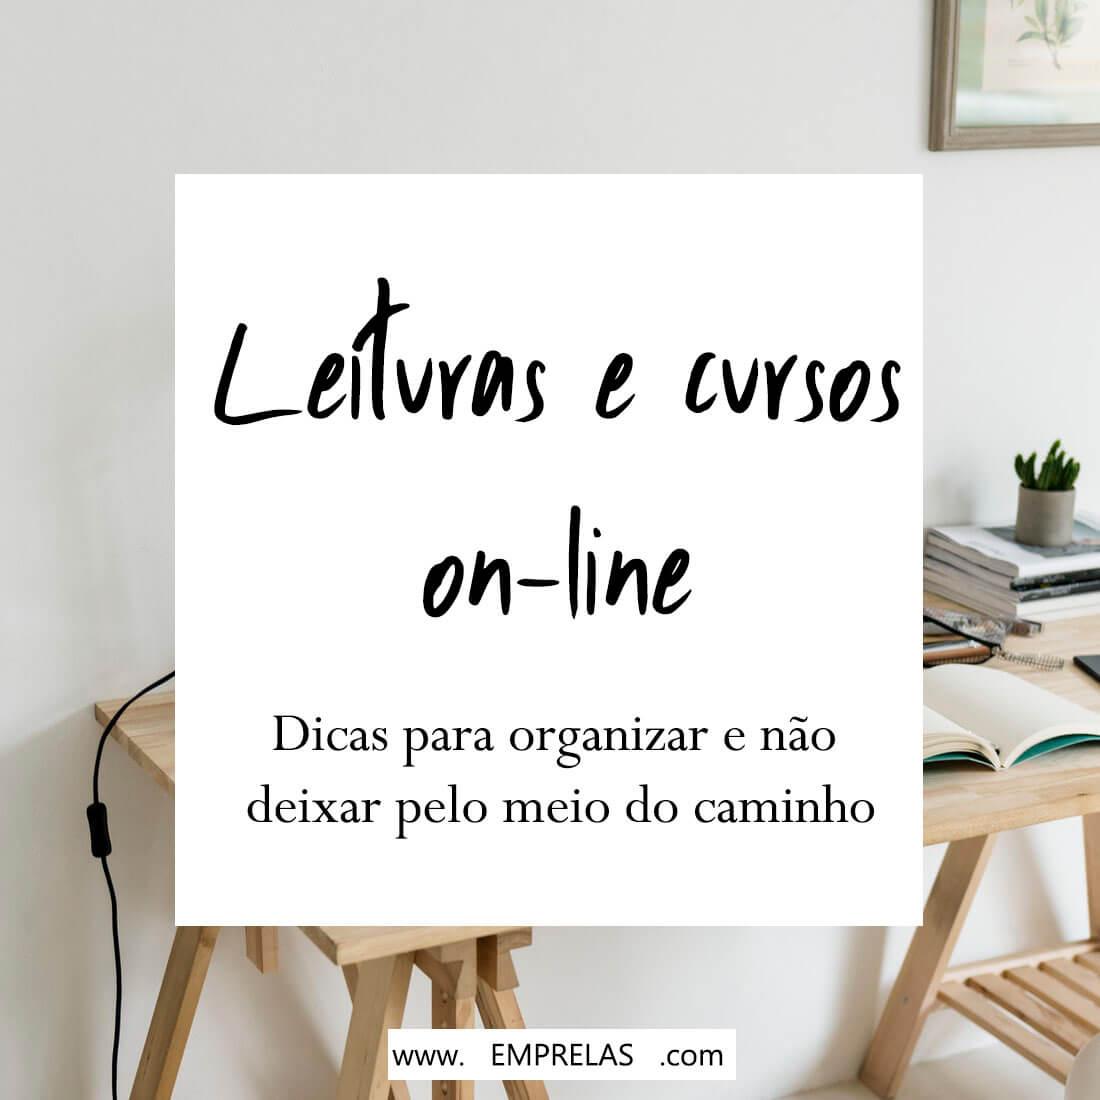 organizar leituras e cursos on-line